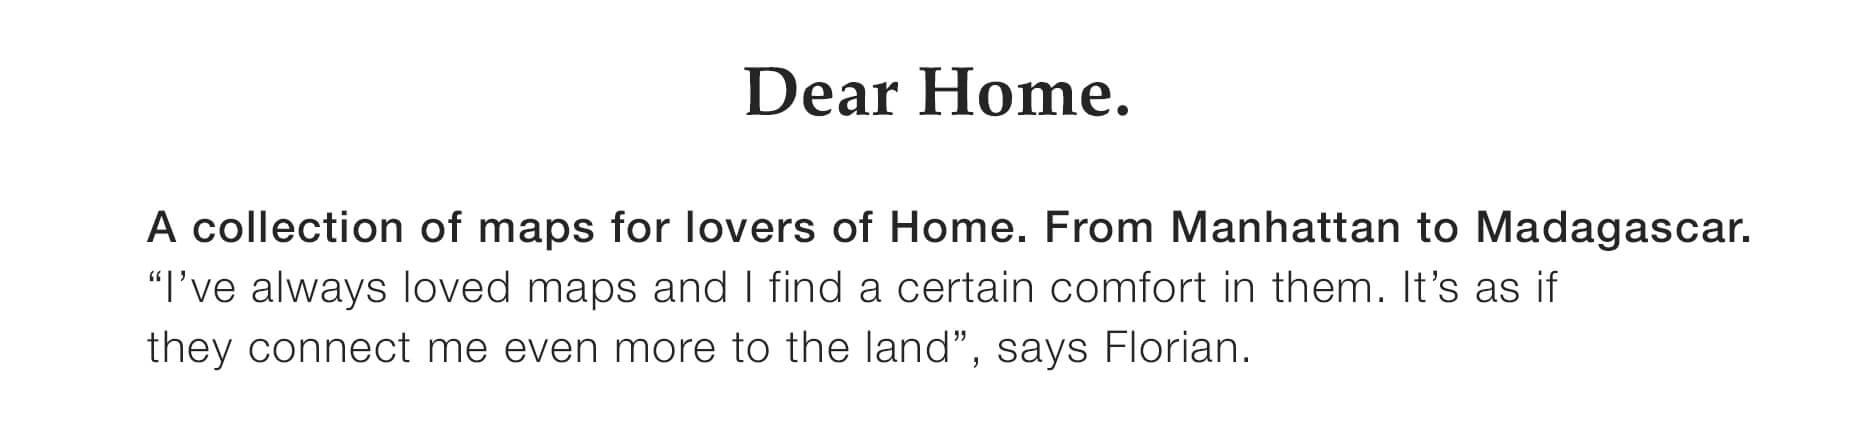 dear-home2